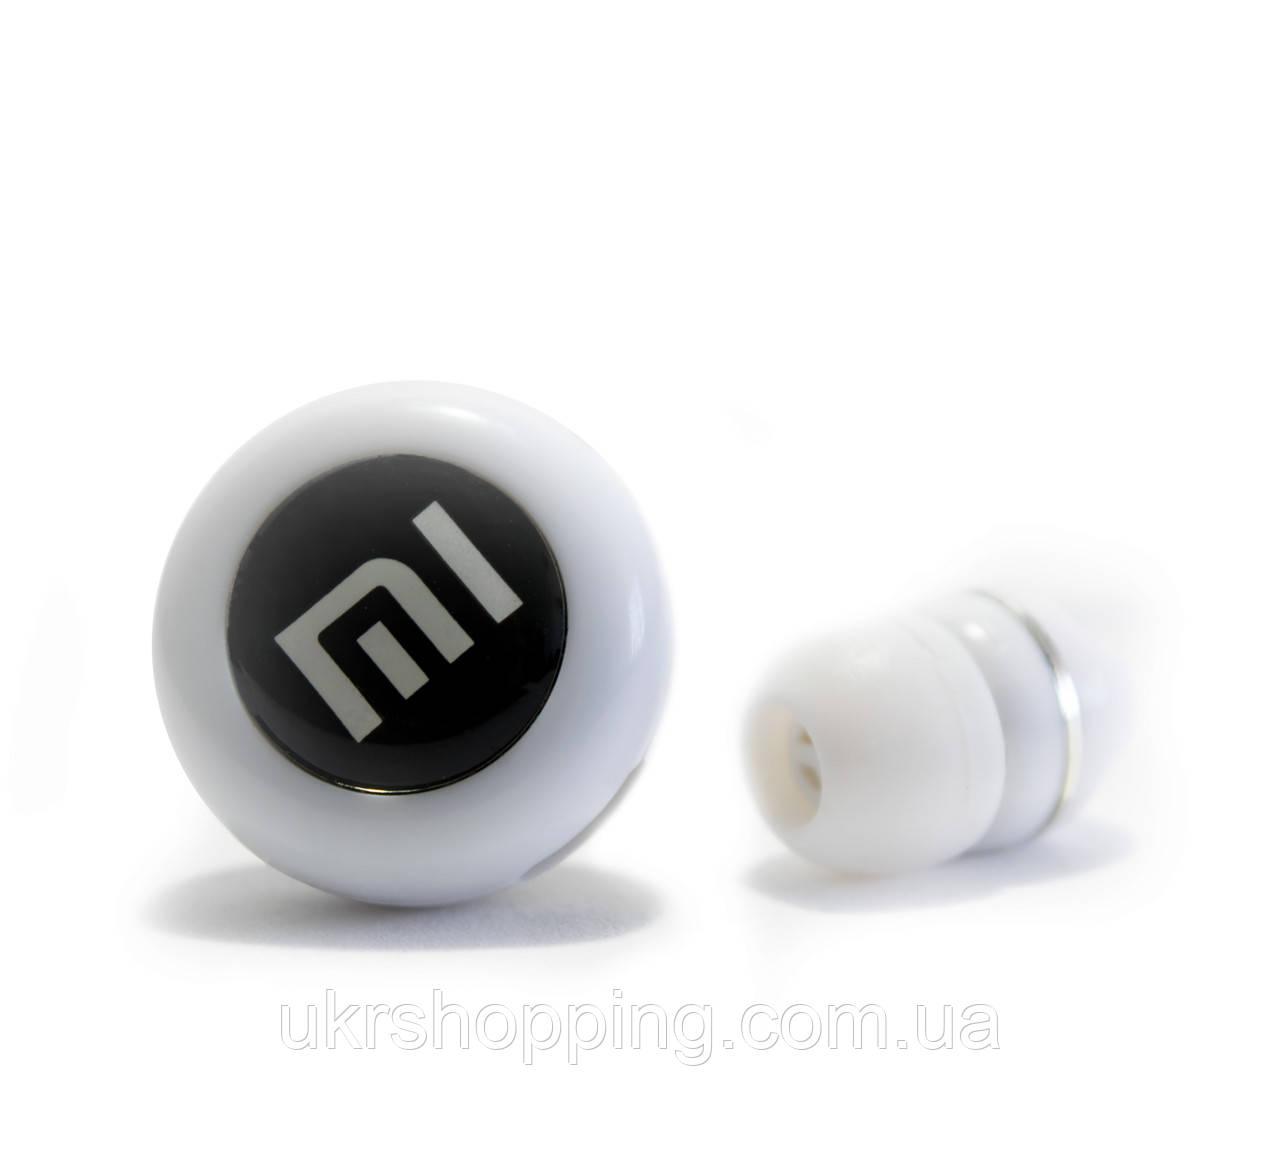 Распродажа! Bluetooth наушники для любого телефона Mi Белые - гарнитура беспроводная - просто огонь!